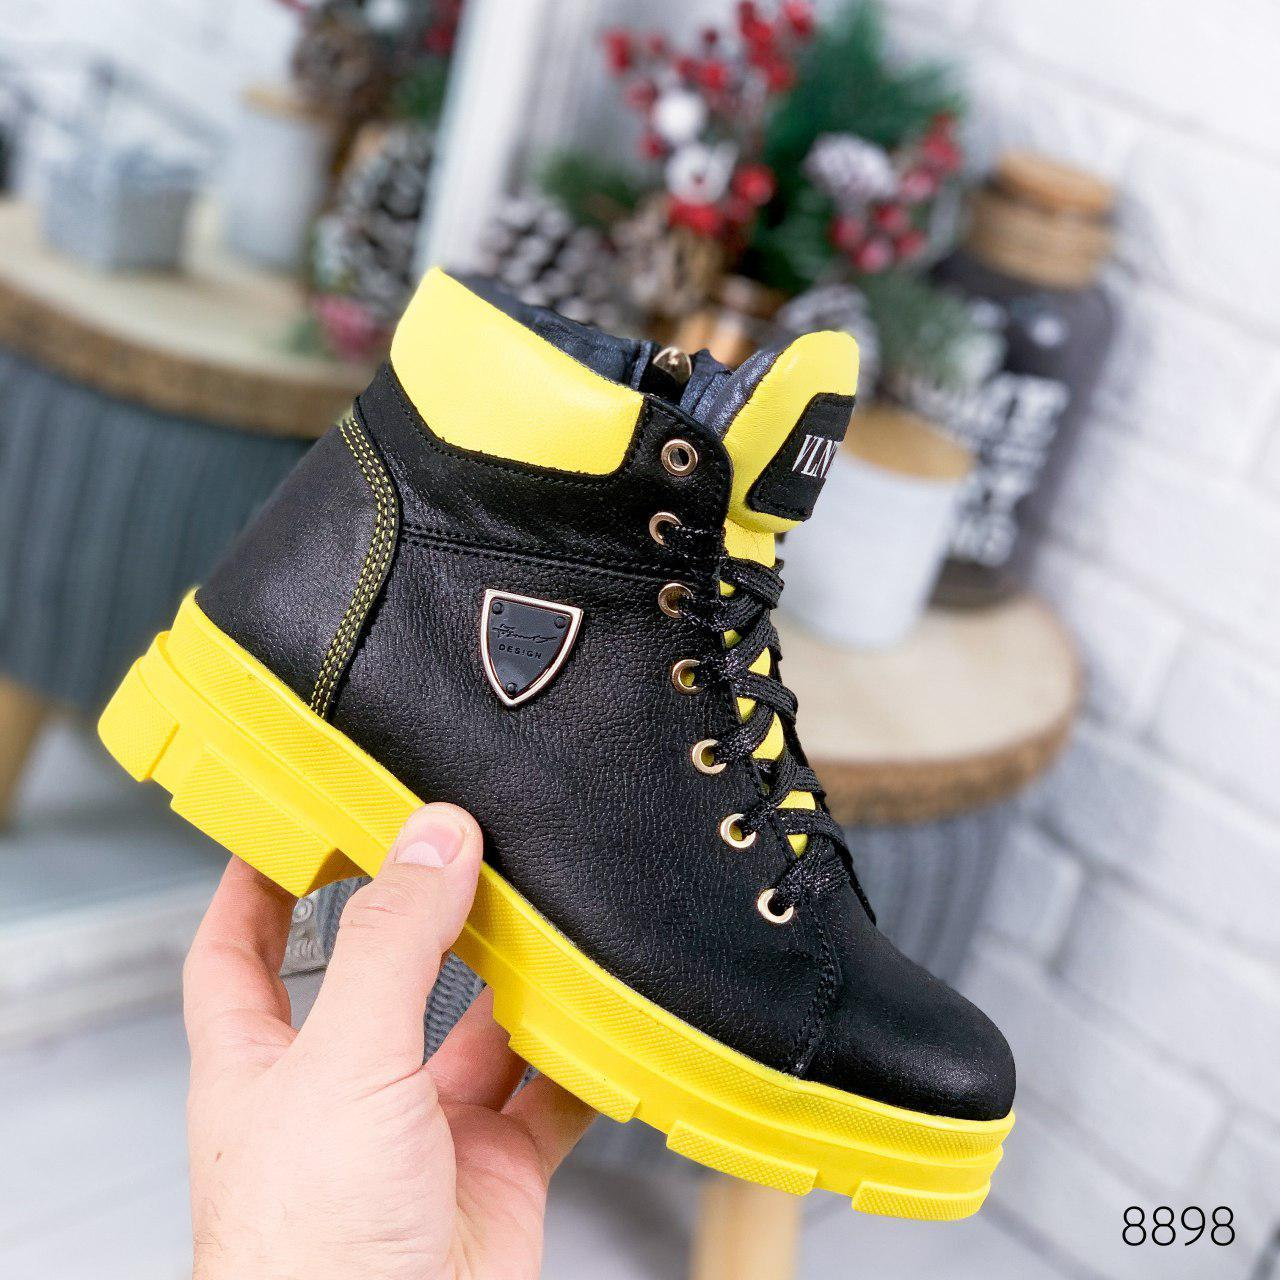 """Ботинки женские зимние, черного цвета из натуральной кожи """"8898"""". Черевики жіночі. Ботинки теплые"""